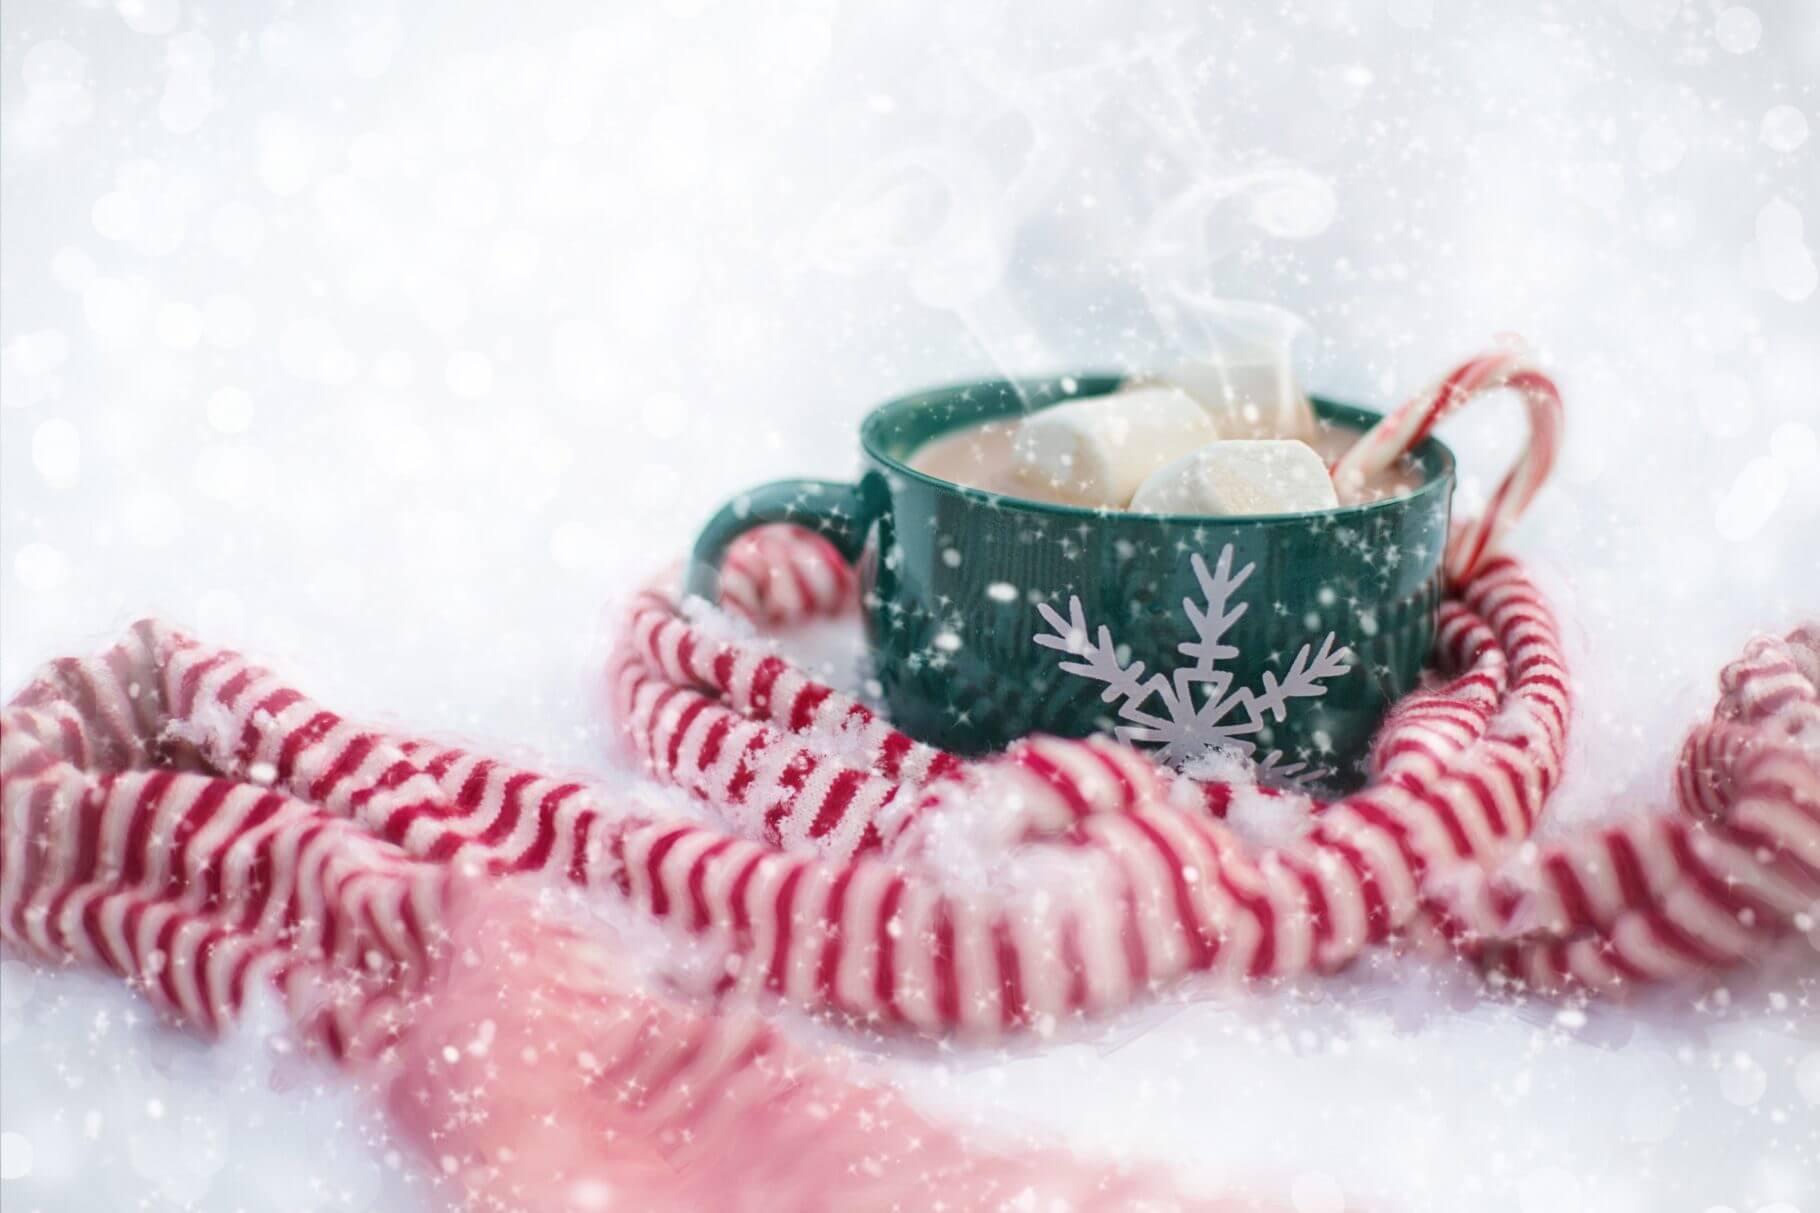 Slippa eller skippa, en tanke om ords effekt, i jul, nyårs och familjetider